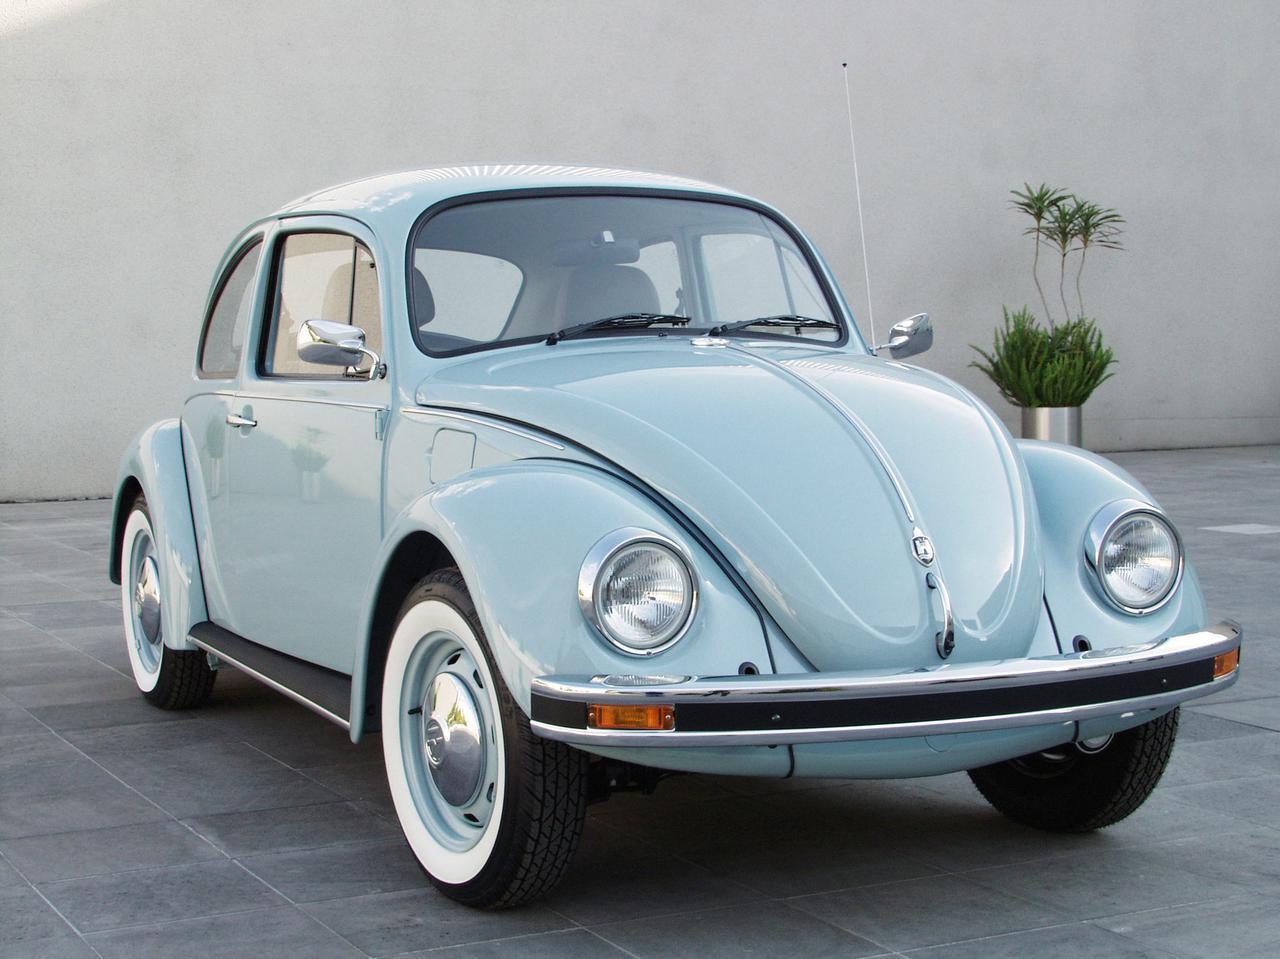 画像: スイングアクスルを採用した代表的な車種は元祖ビートル。シンプルな機構のために、コストも安く抑えられた。